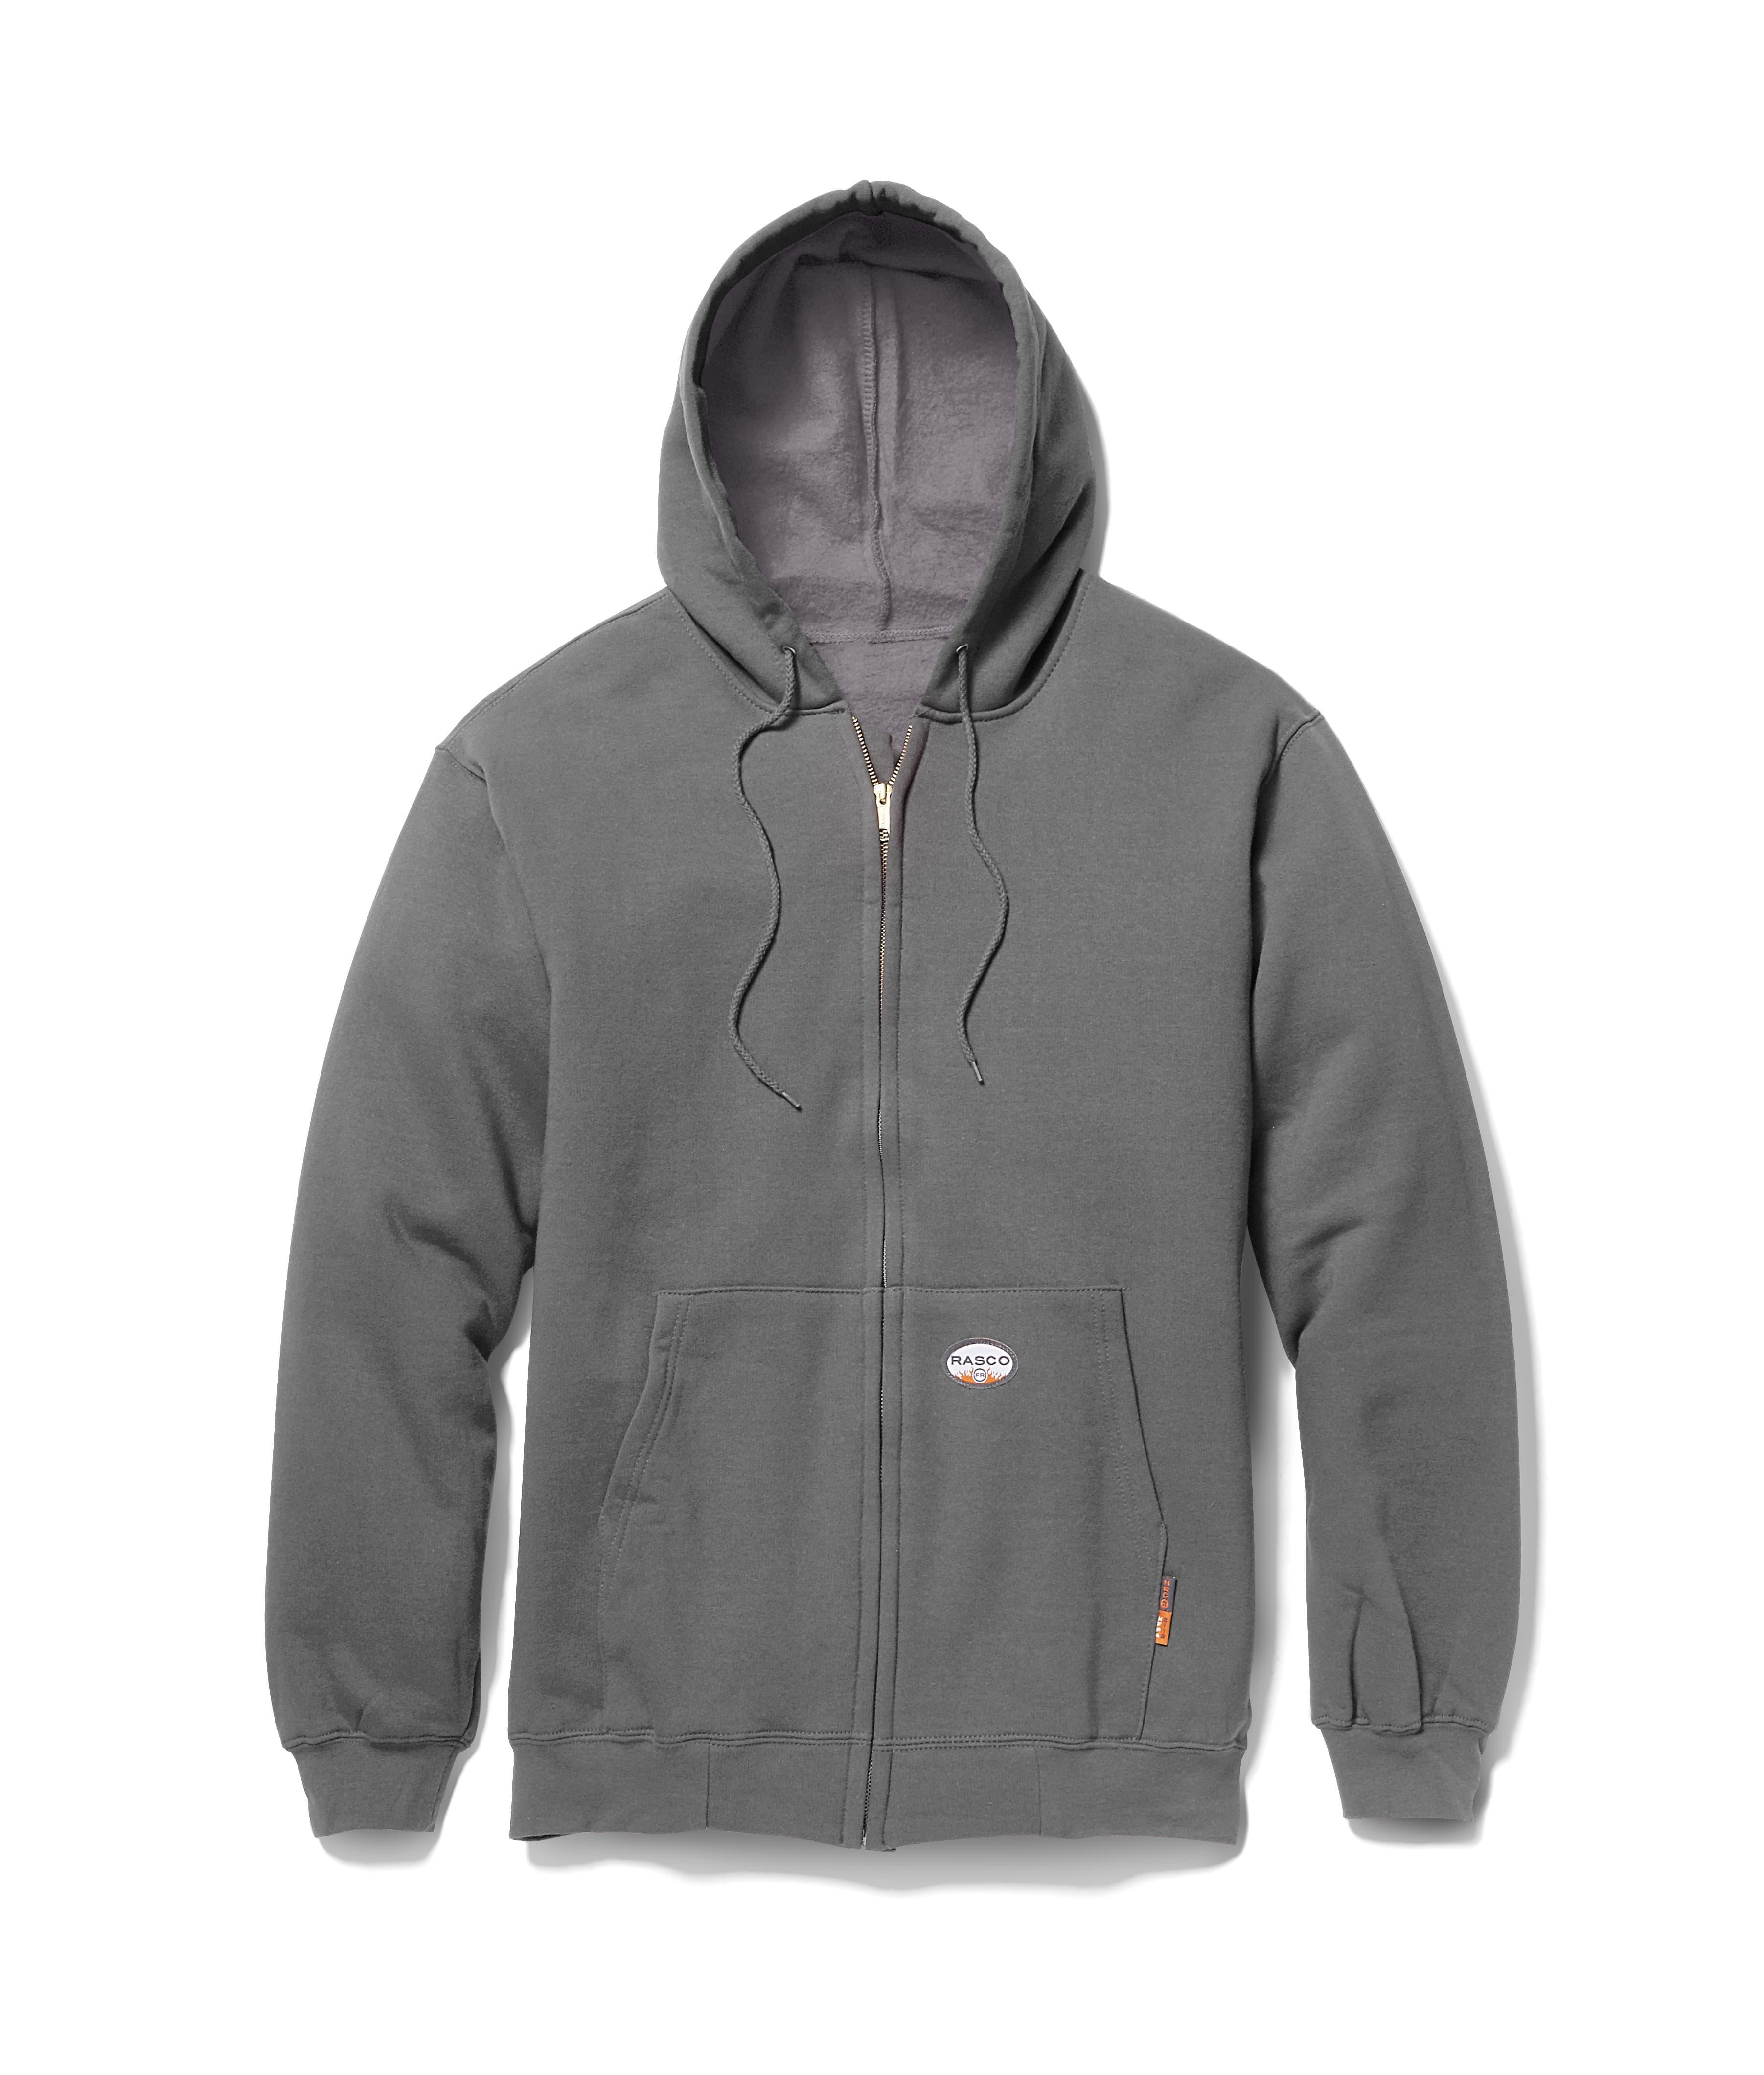 0da4995976e4 Fire Resistant Grey Rasco Hoodie